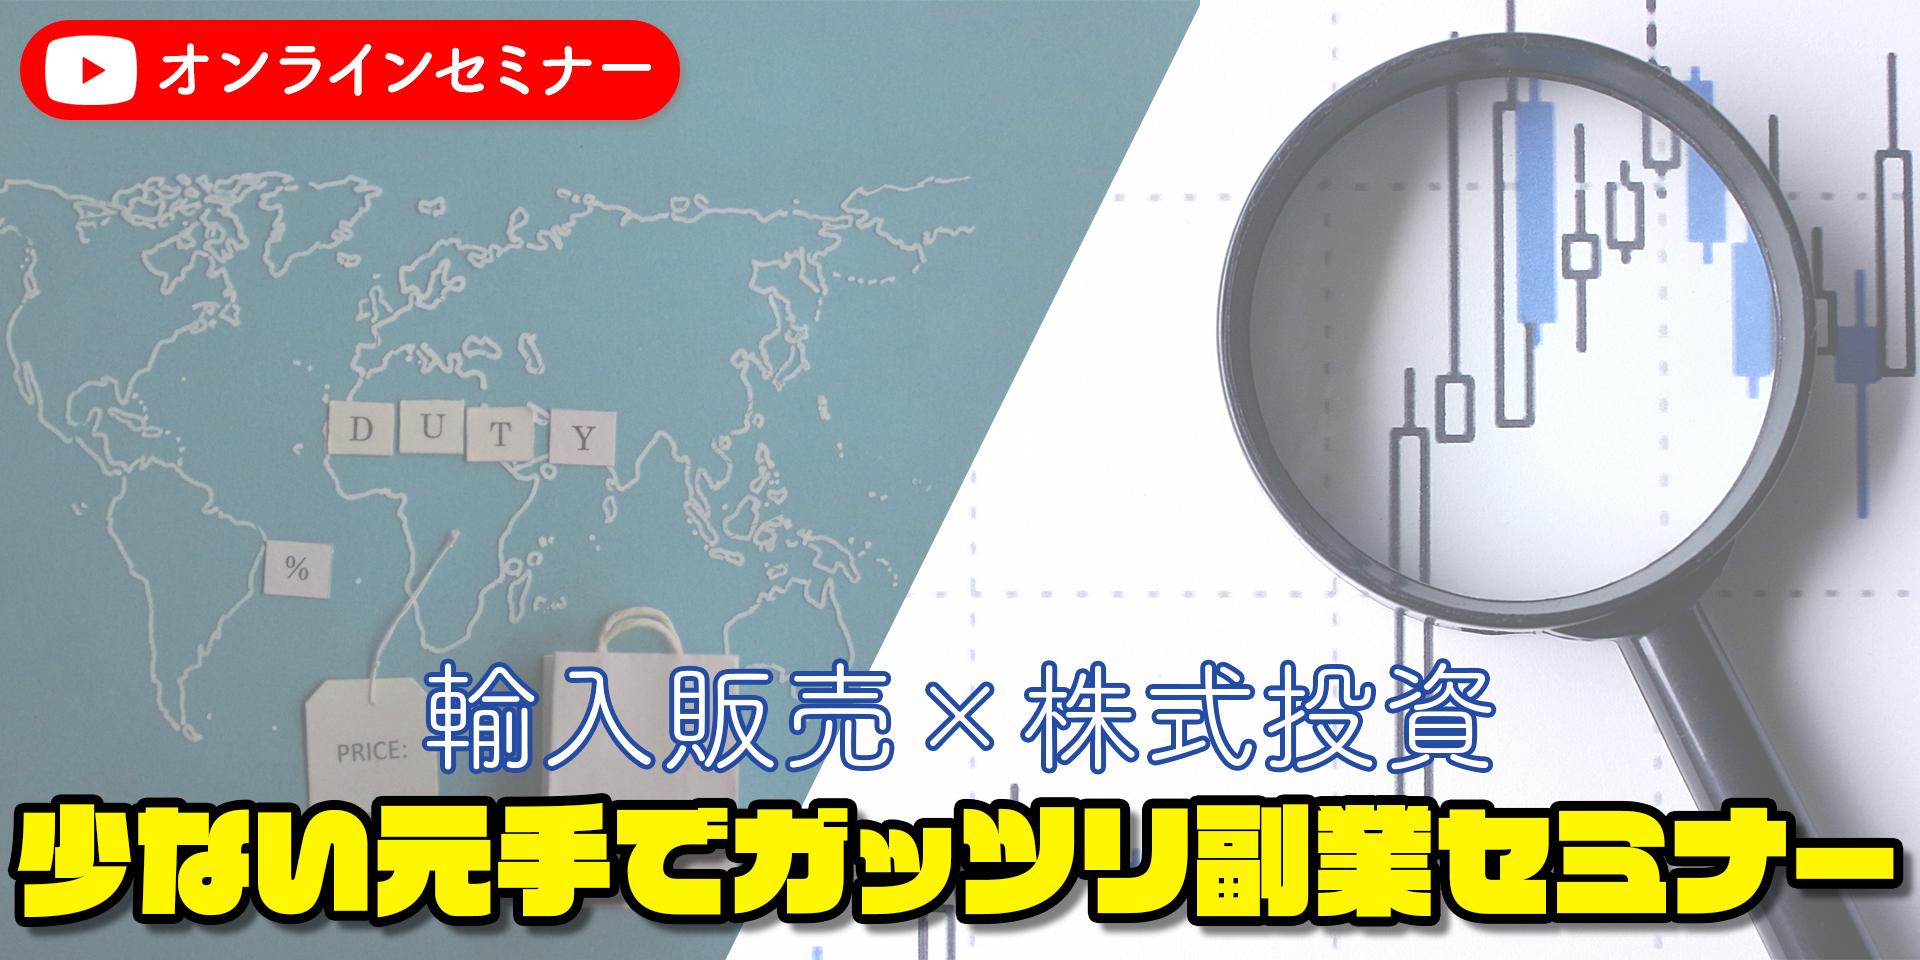 ガッツリ副業オンライン